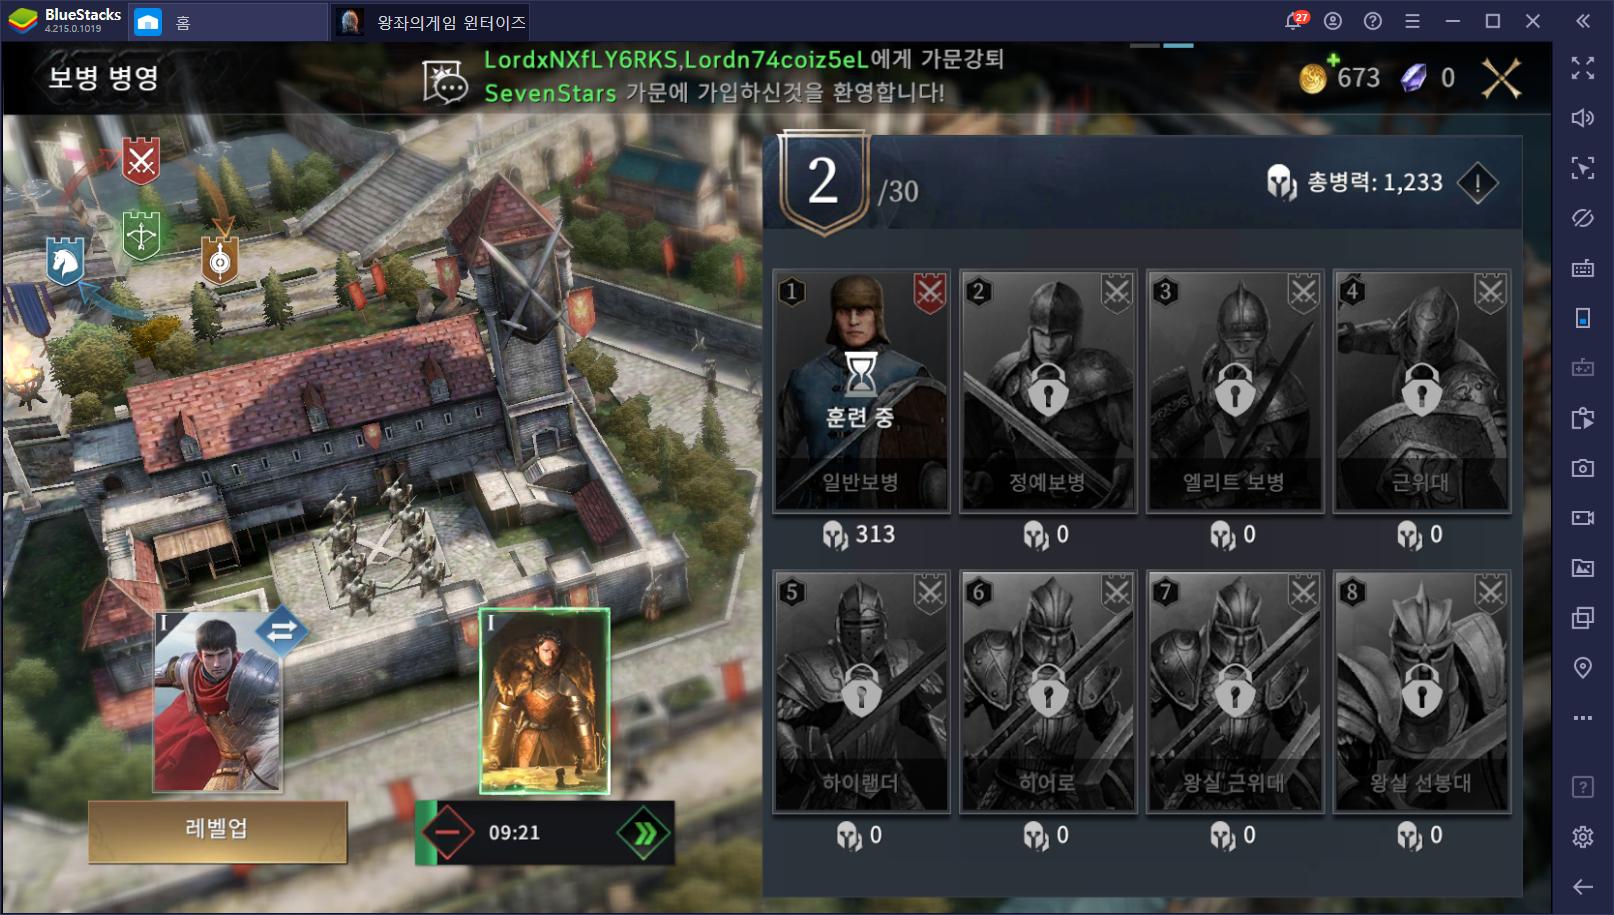 왕좌의게임: 윈터이즈커밍 병사 관련 공략 방출!블루스택에서 즐겨봐요~